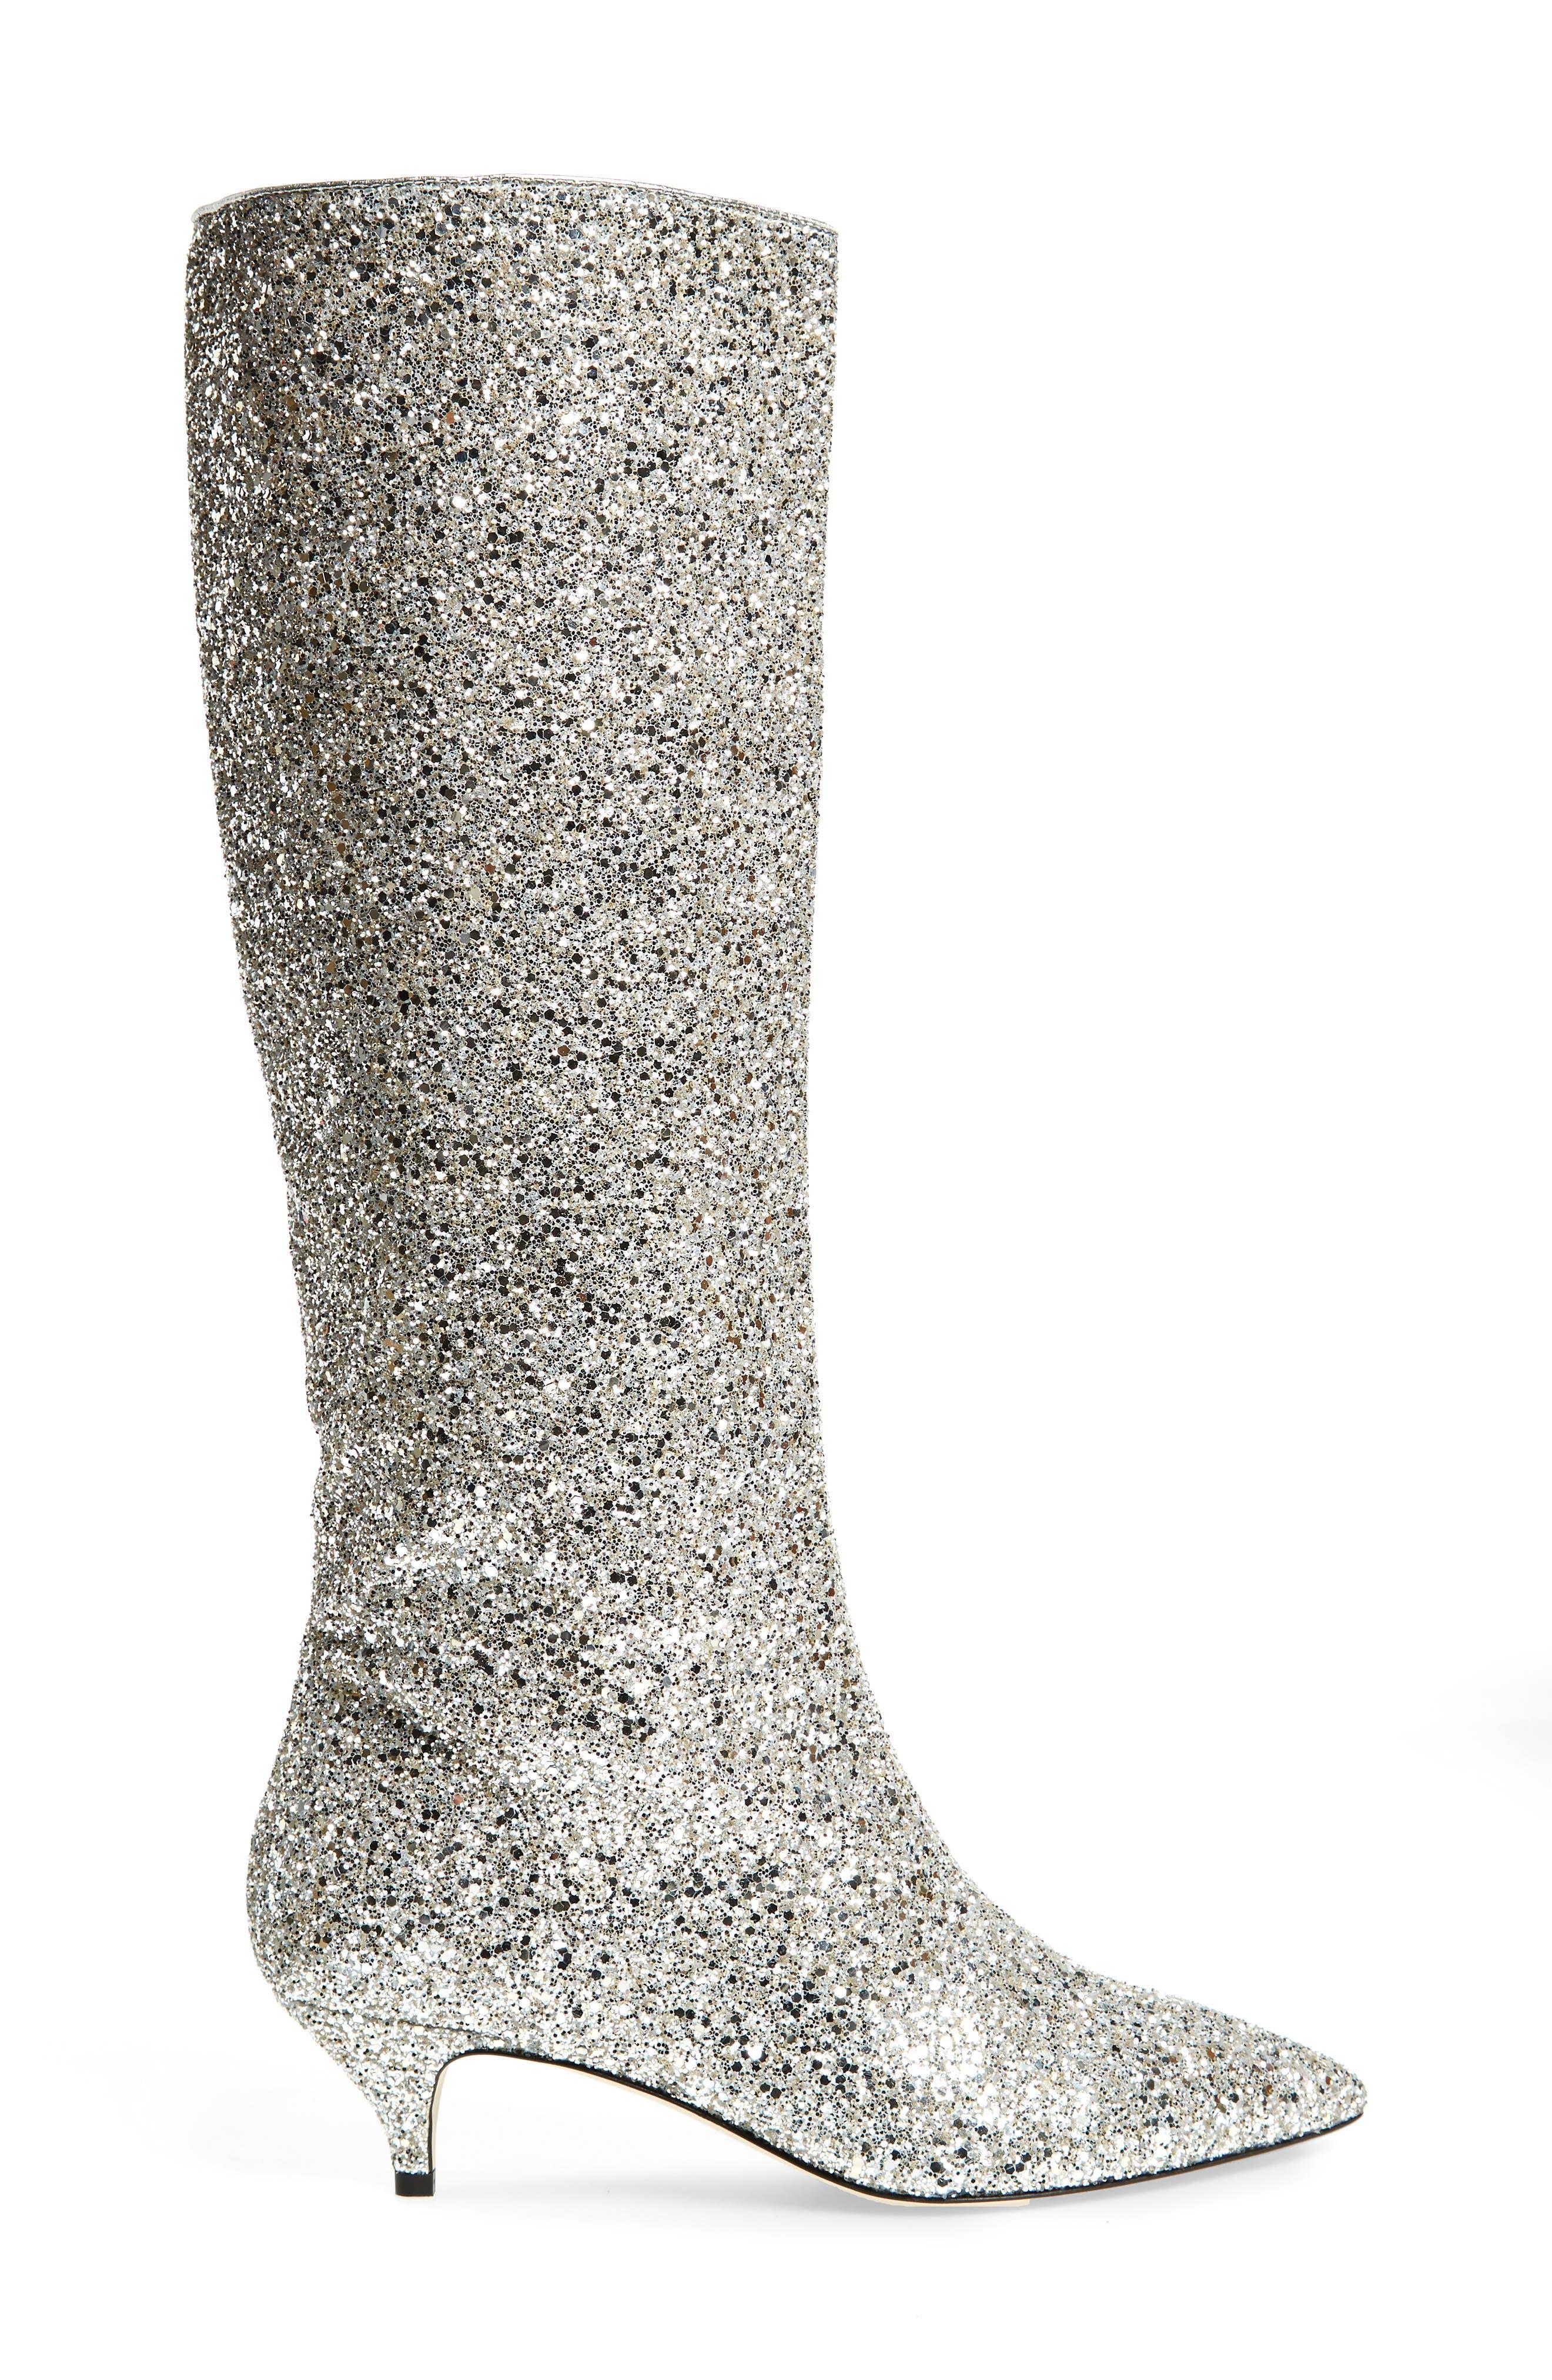 olina glitter knee high boot,                             Alternate thumbnail 3, color,                             710